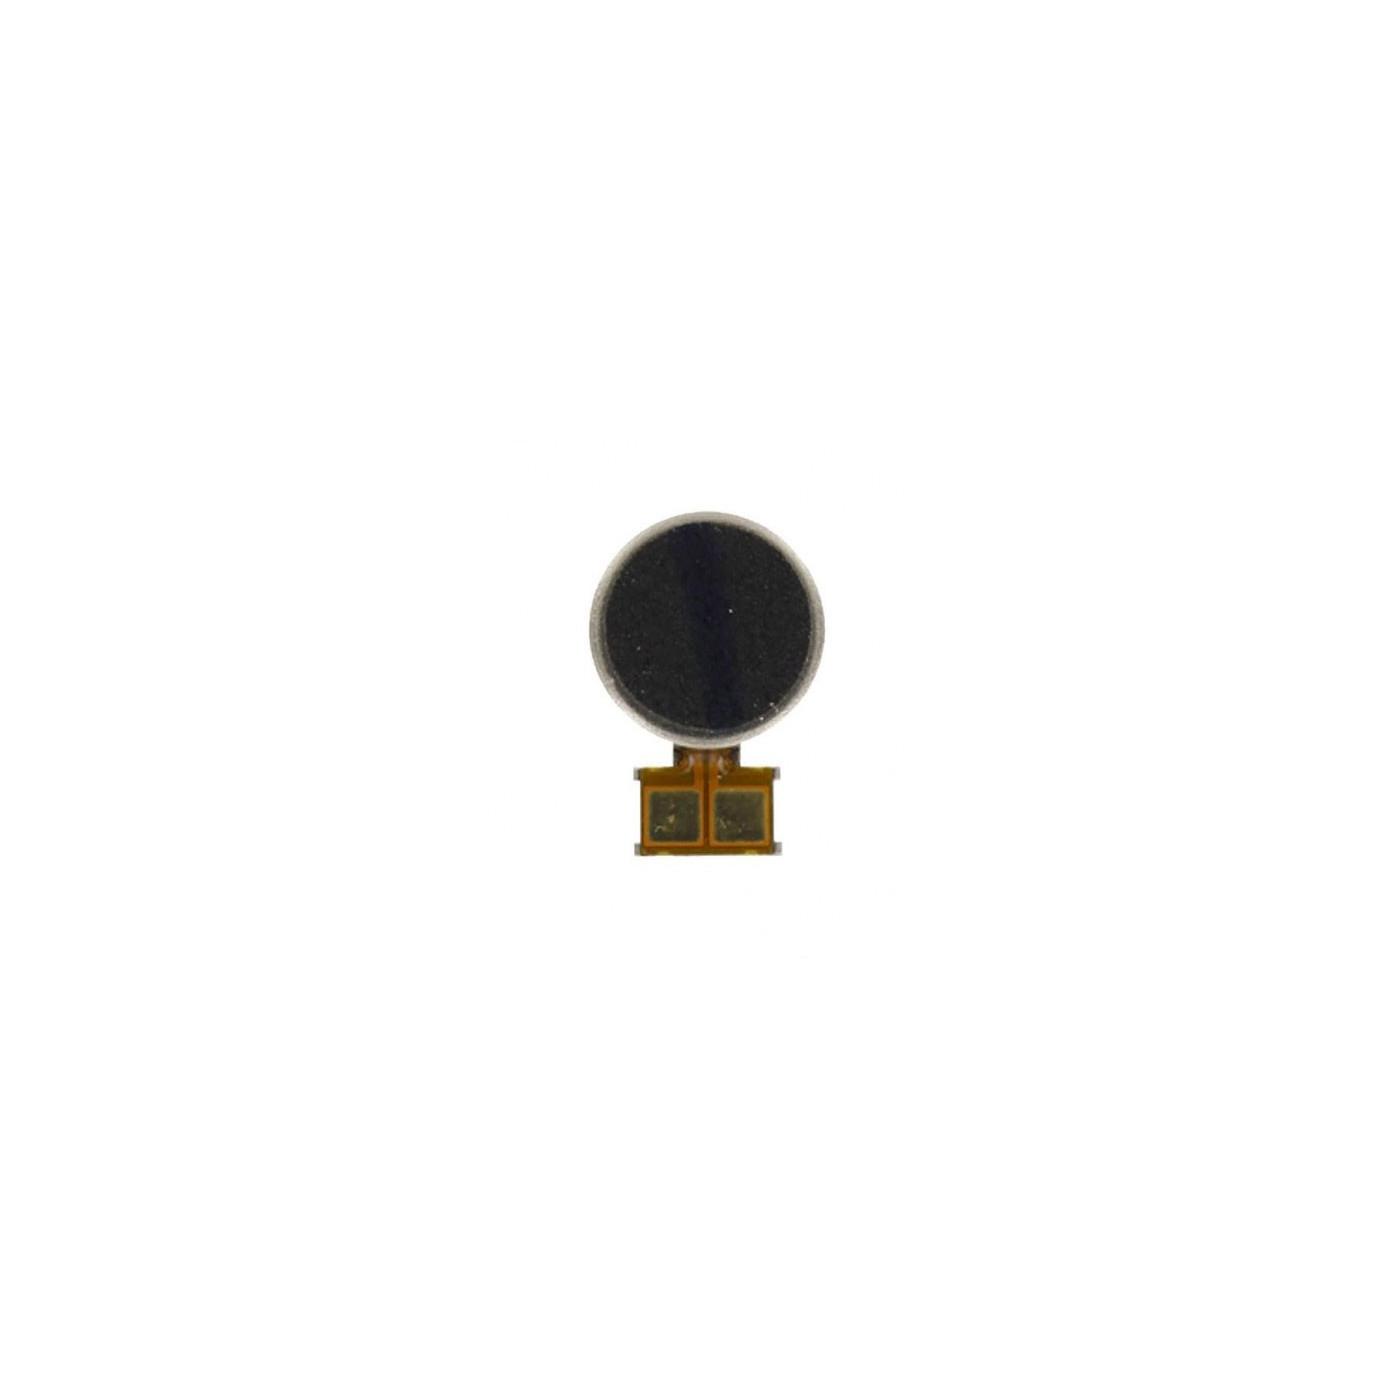 Motorino vibrazione di ricambio per samsung Galaxy j3 2016 J320